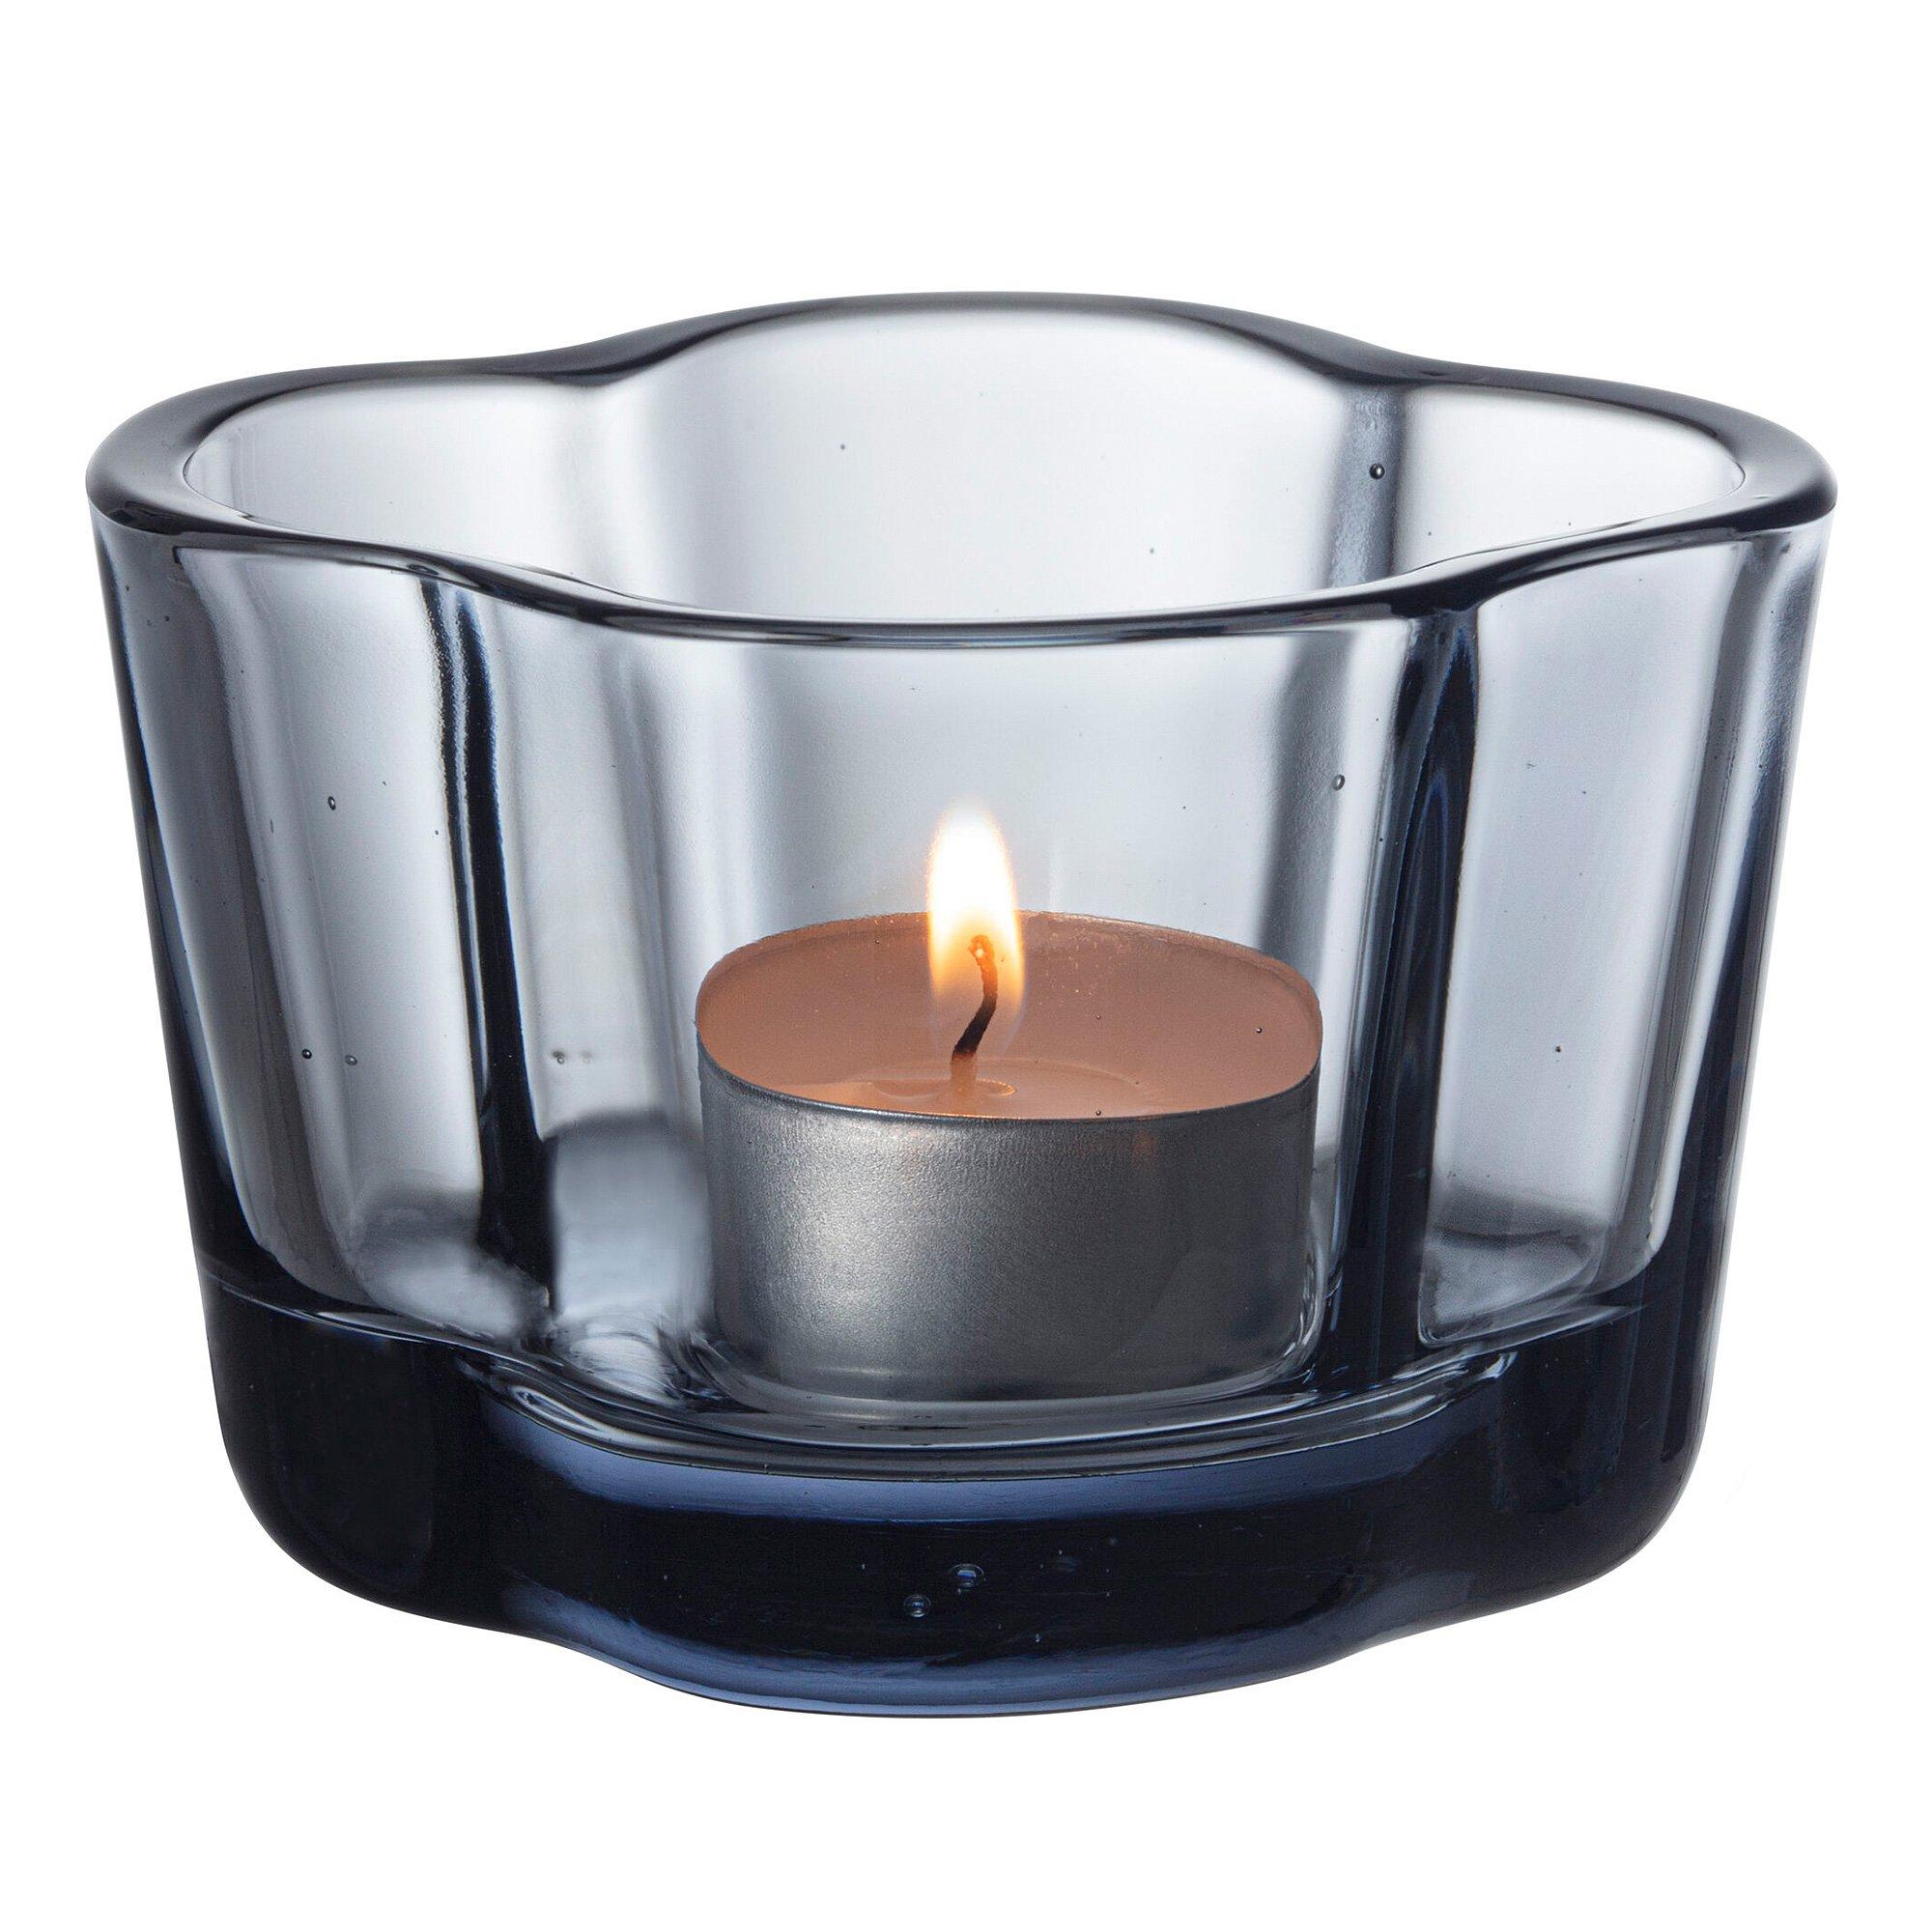 Iittala Alvara Aalto Collection Återvunnet glas Ljuslykta 6 cm.